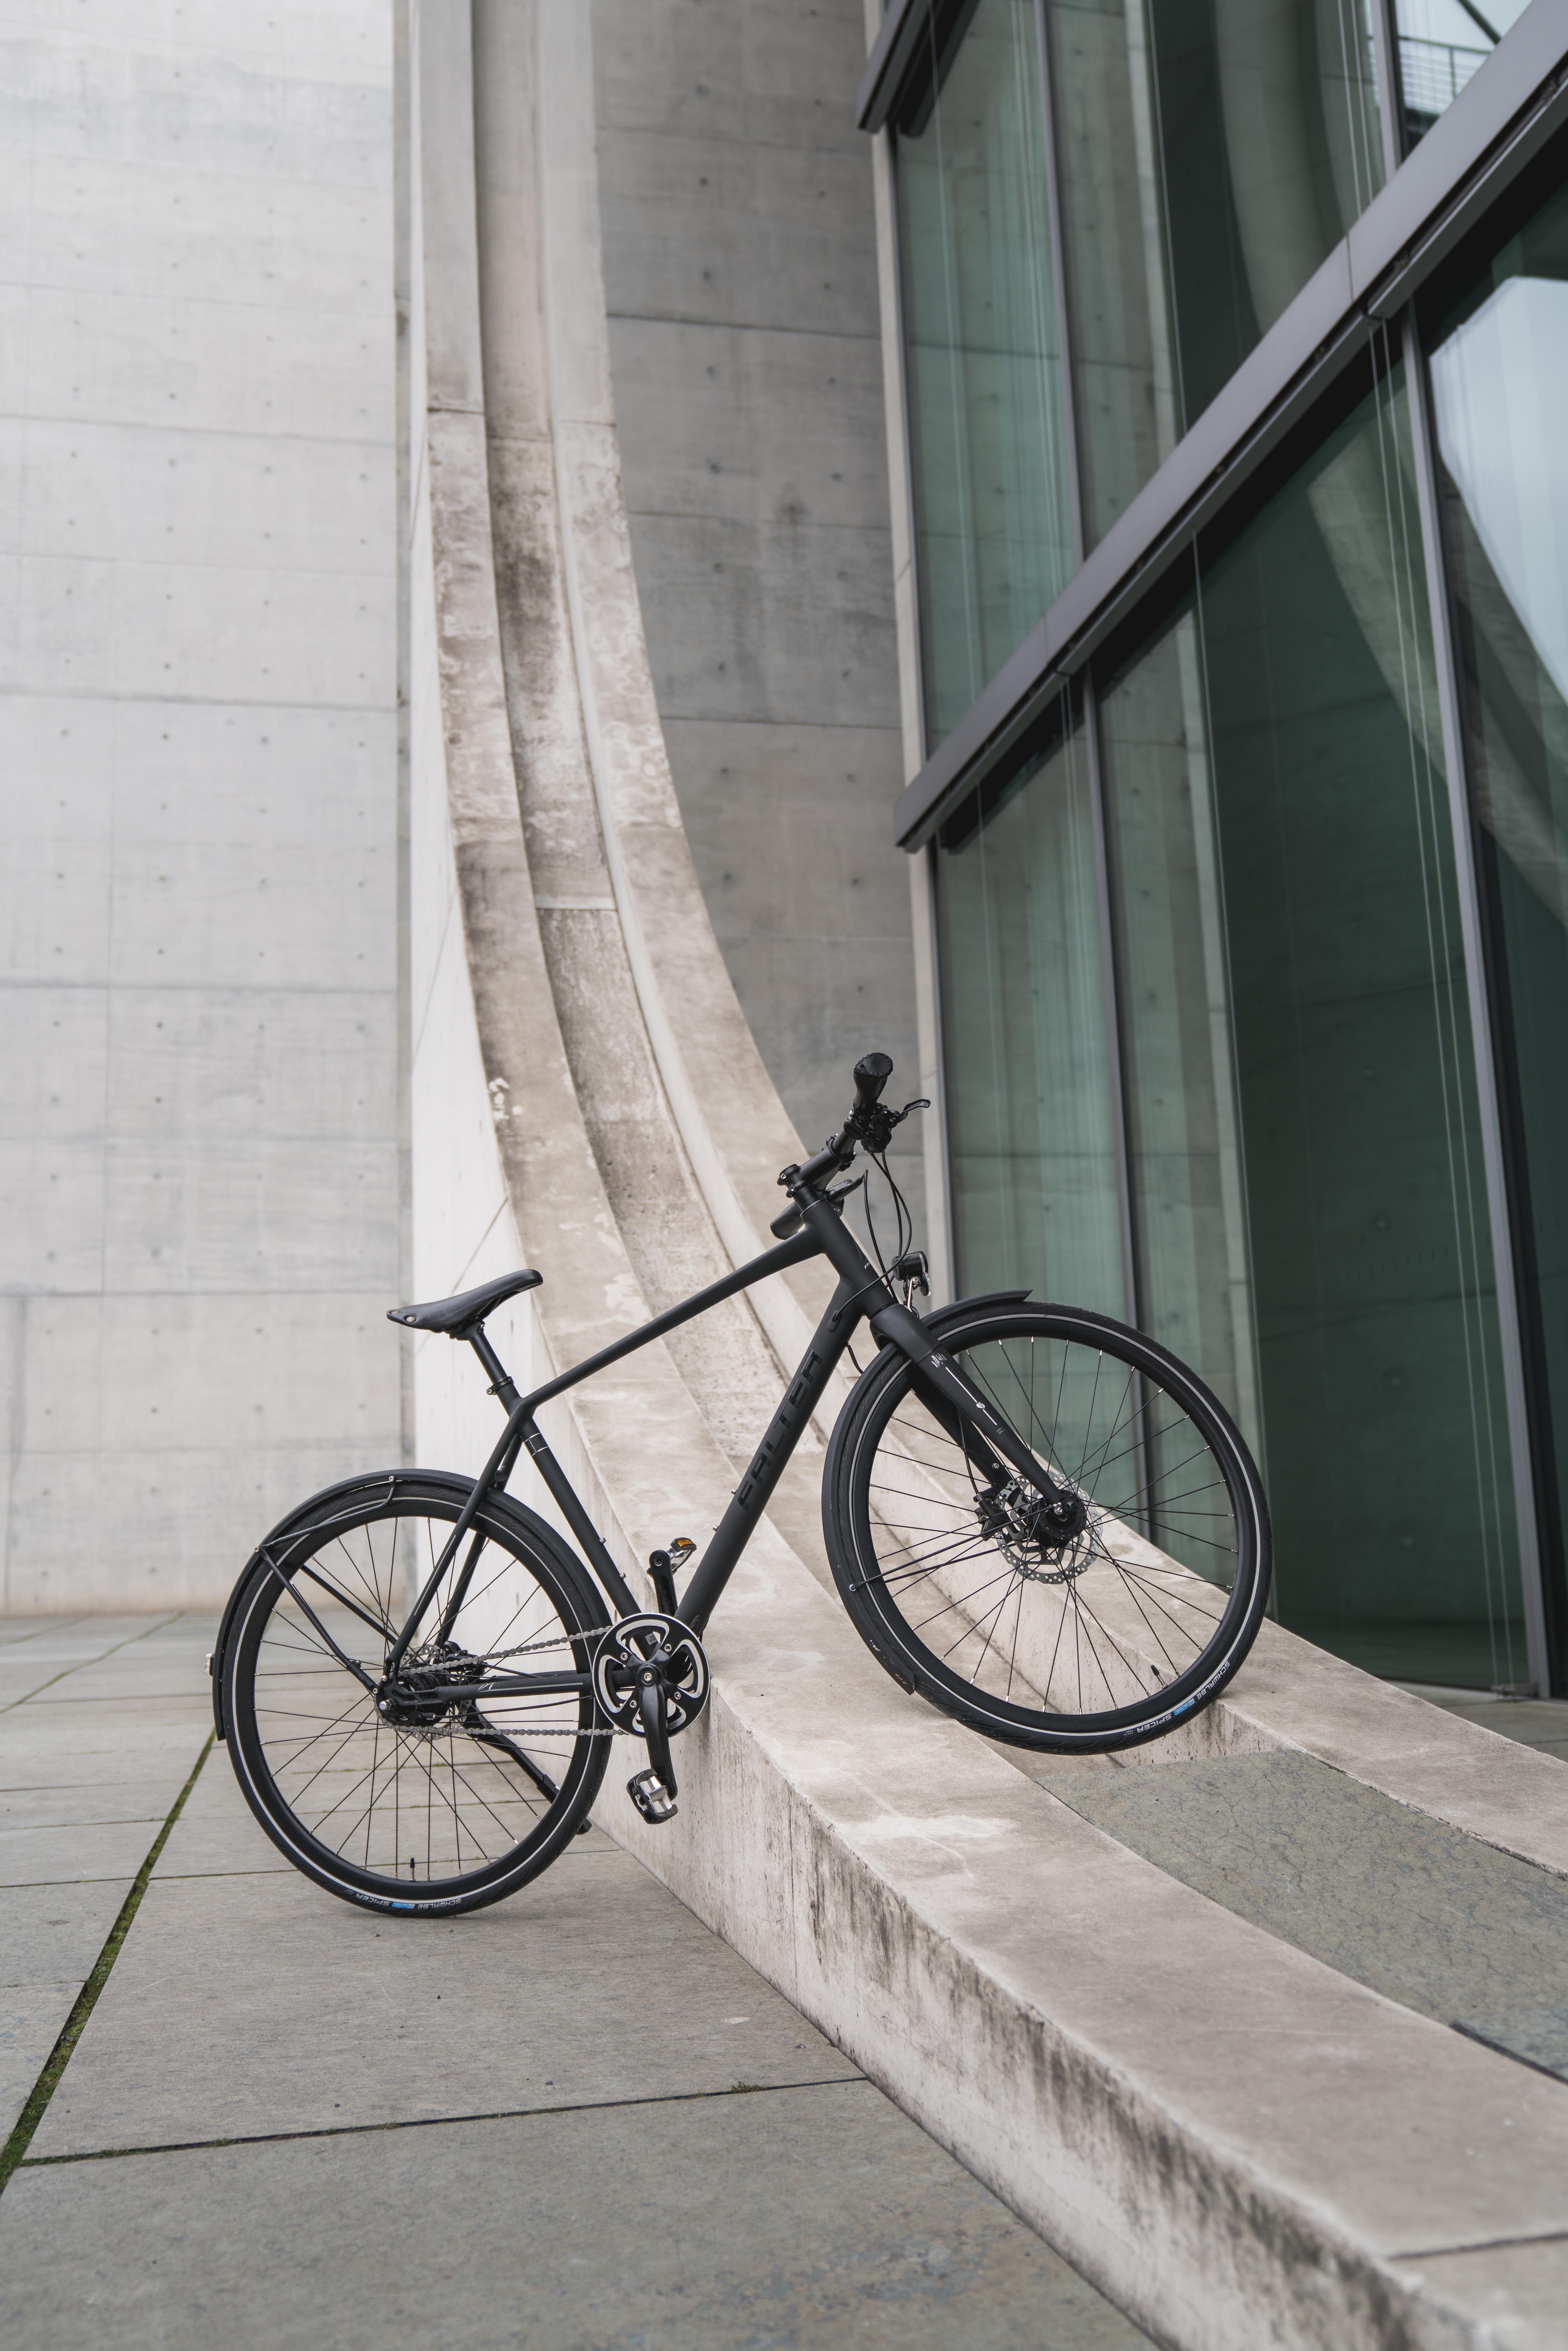 Bett+Bike City bettundbike fahrrad fahrradurlaub